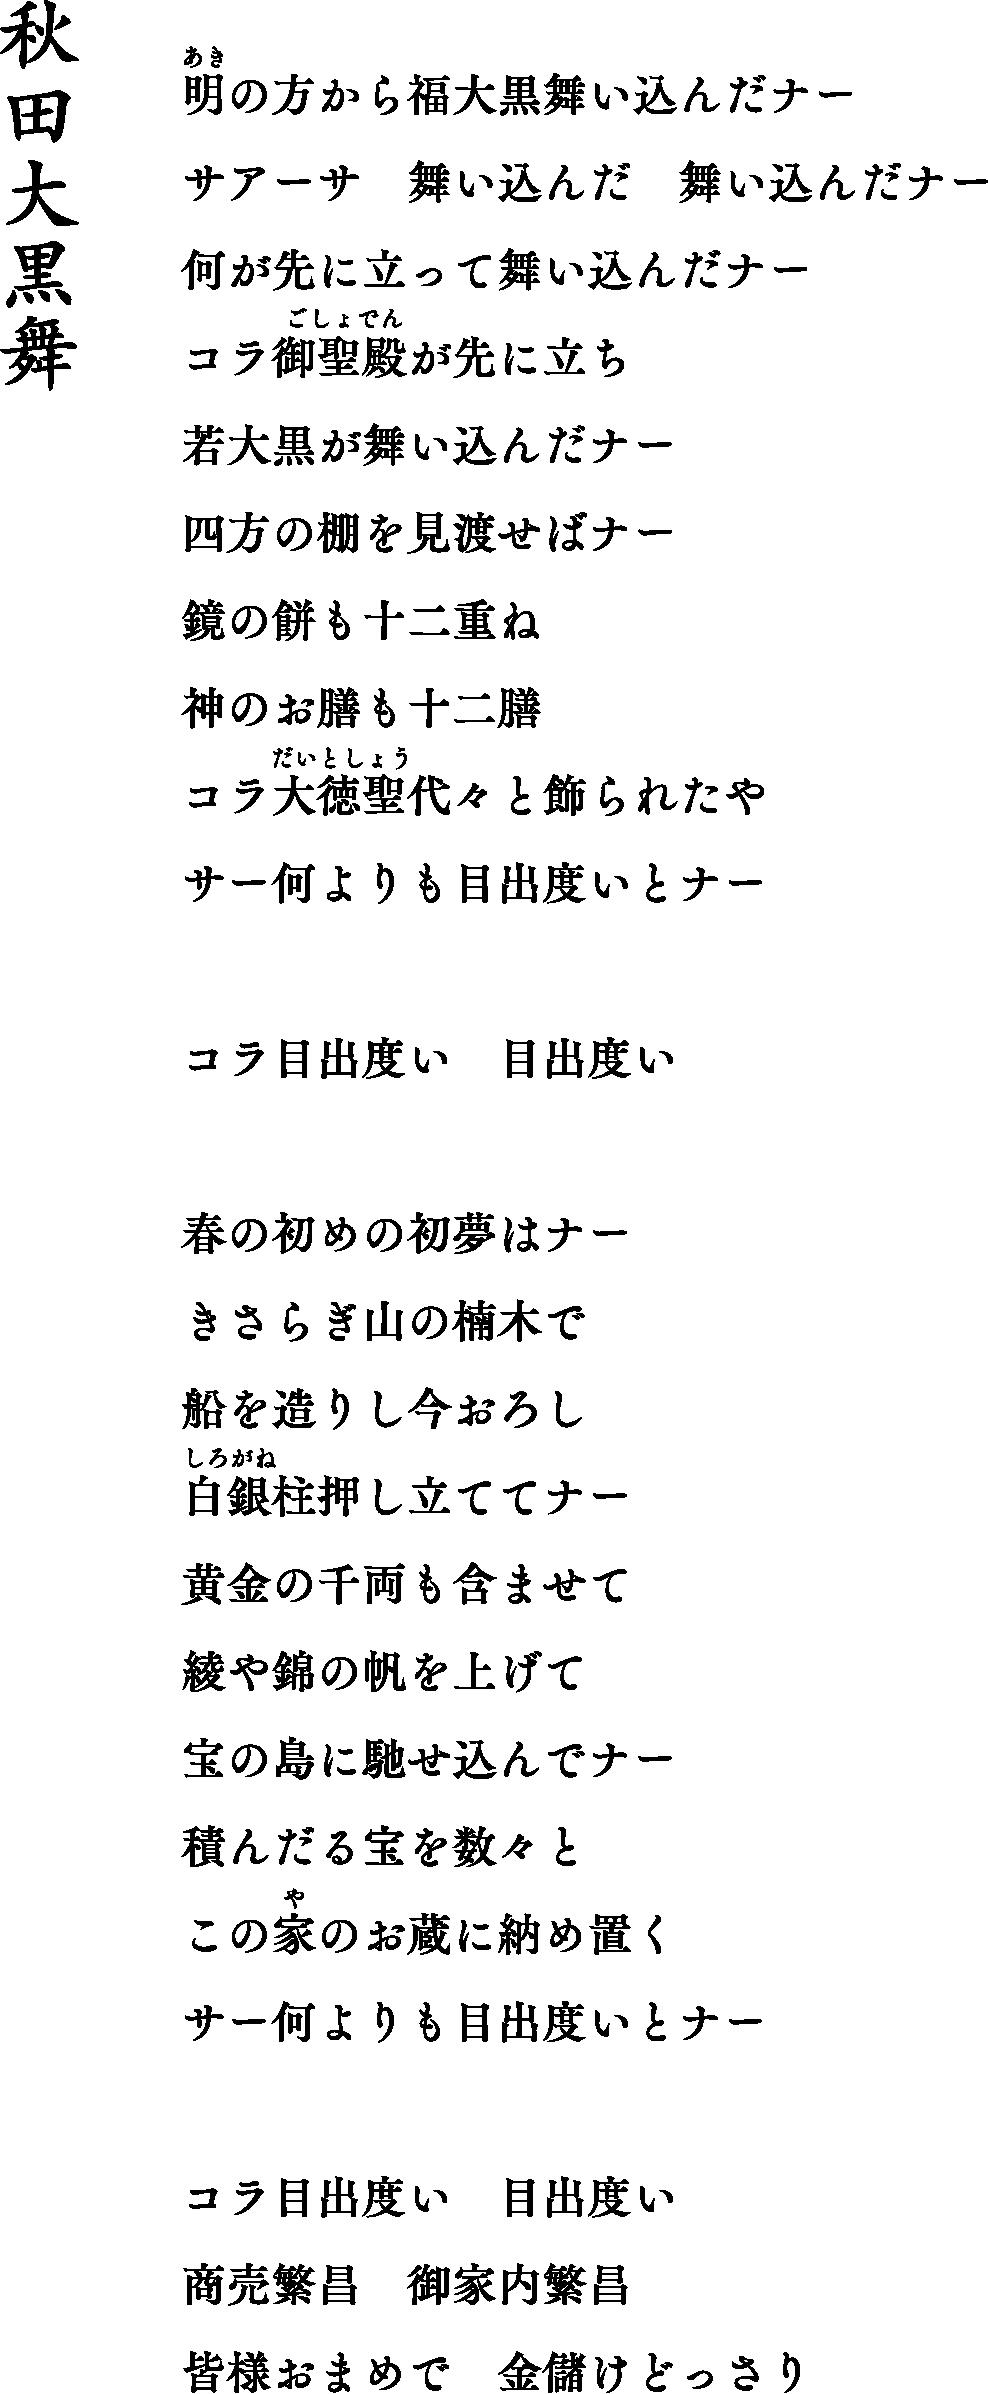 秋田大黒舞